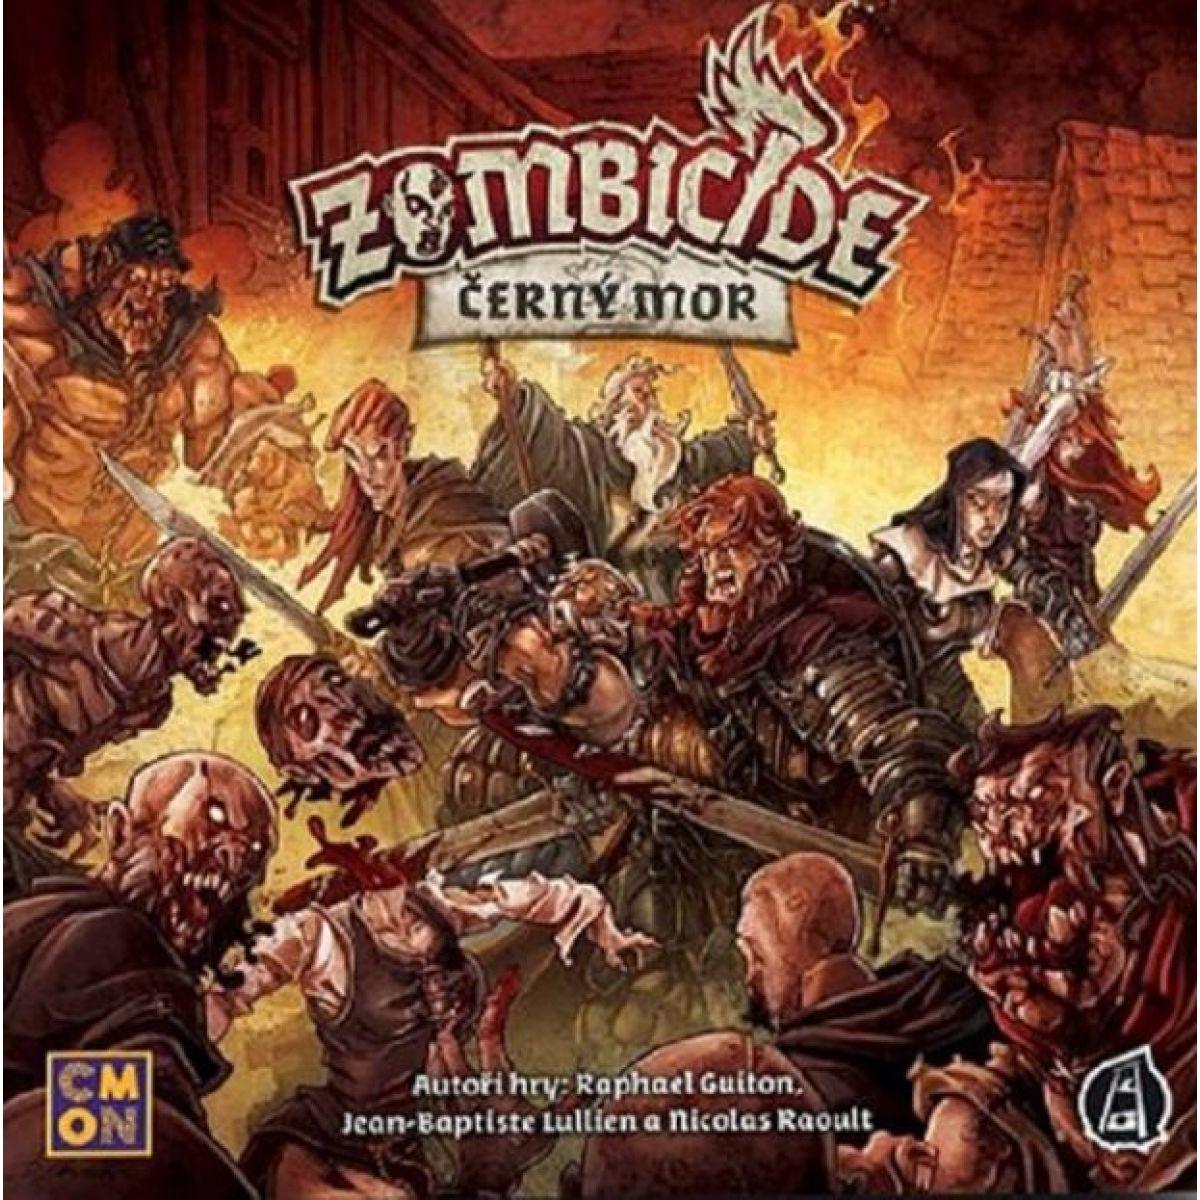 ADC Blackfire Zombicide: Černý mor